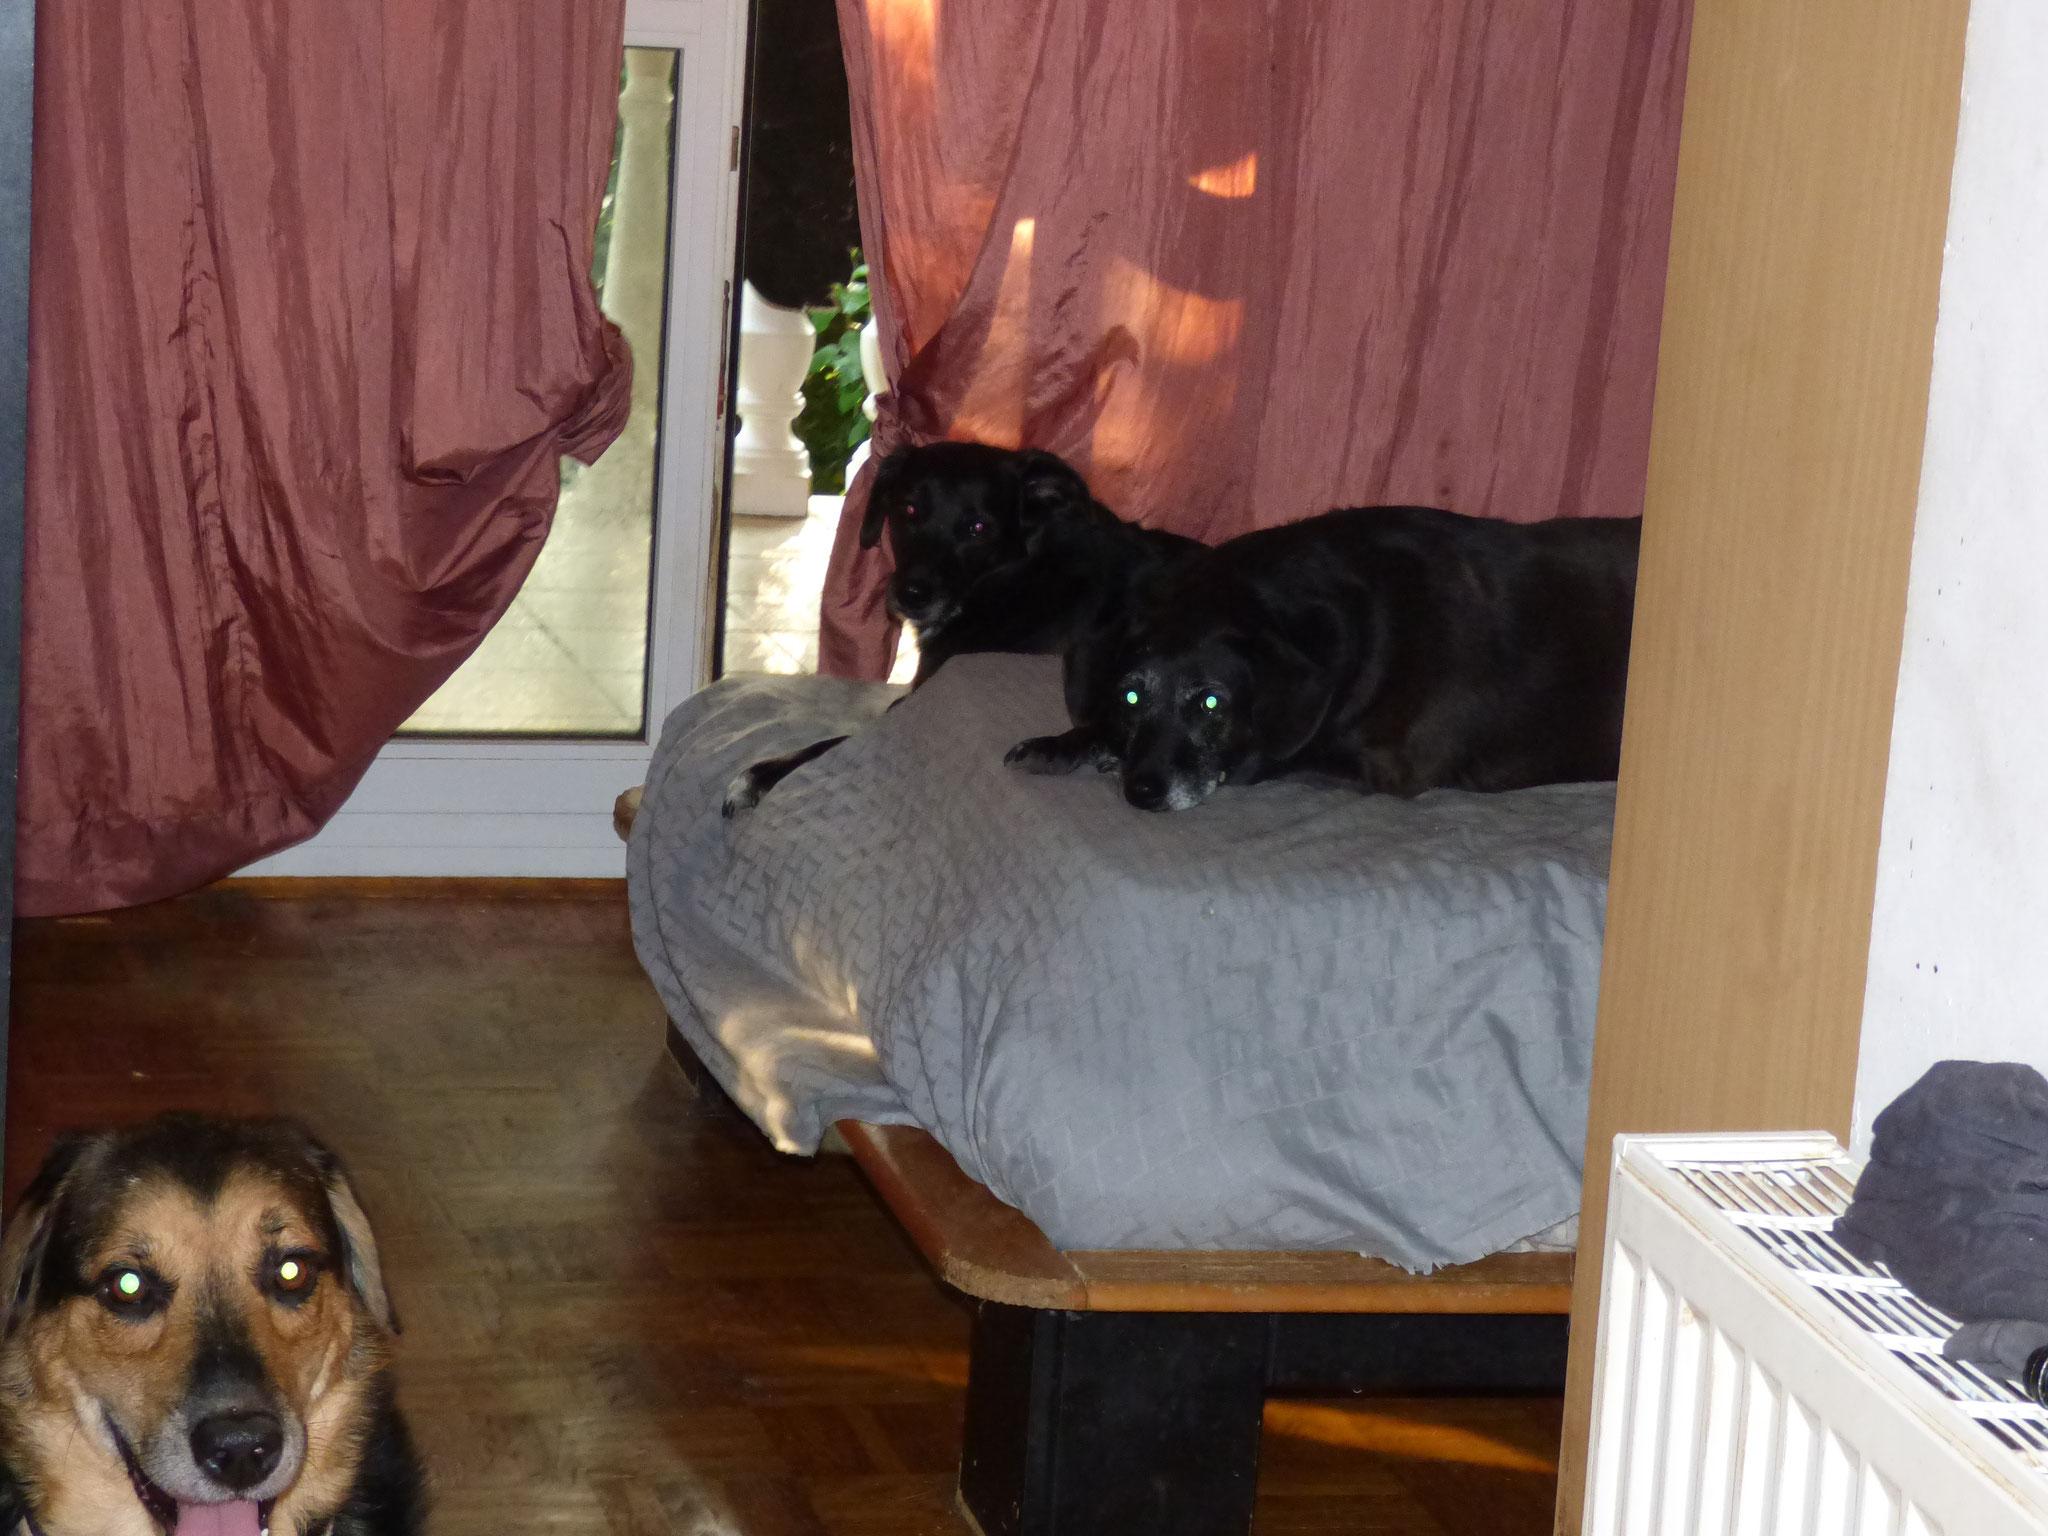 Aufgrund fehlender Außenplätze haben 10 Hunde und bis zu 100 Katzen ihr Haus belagert